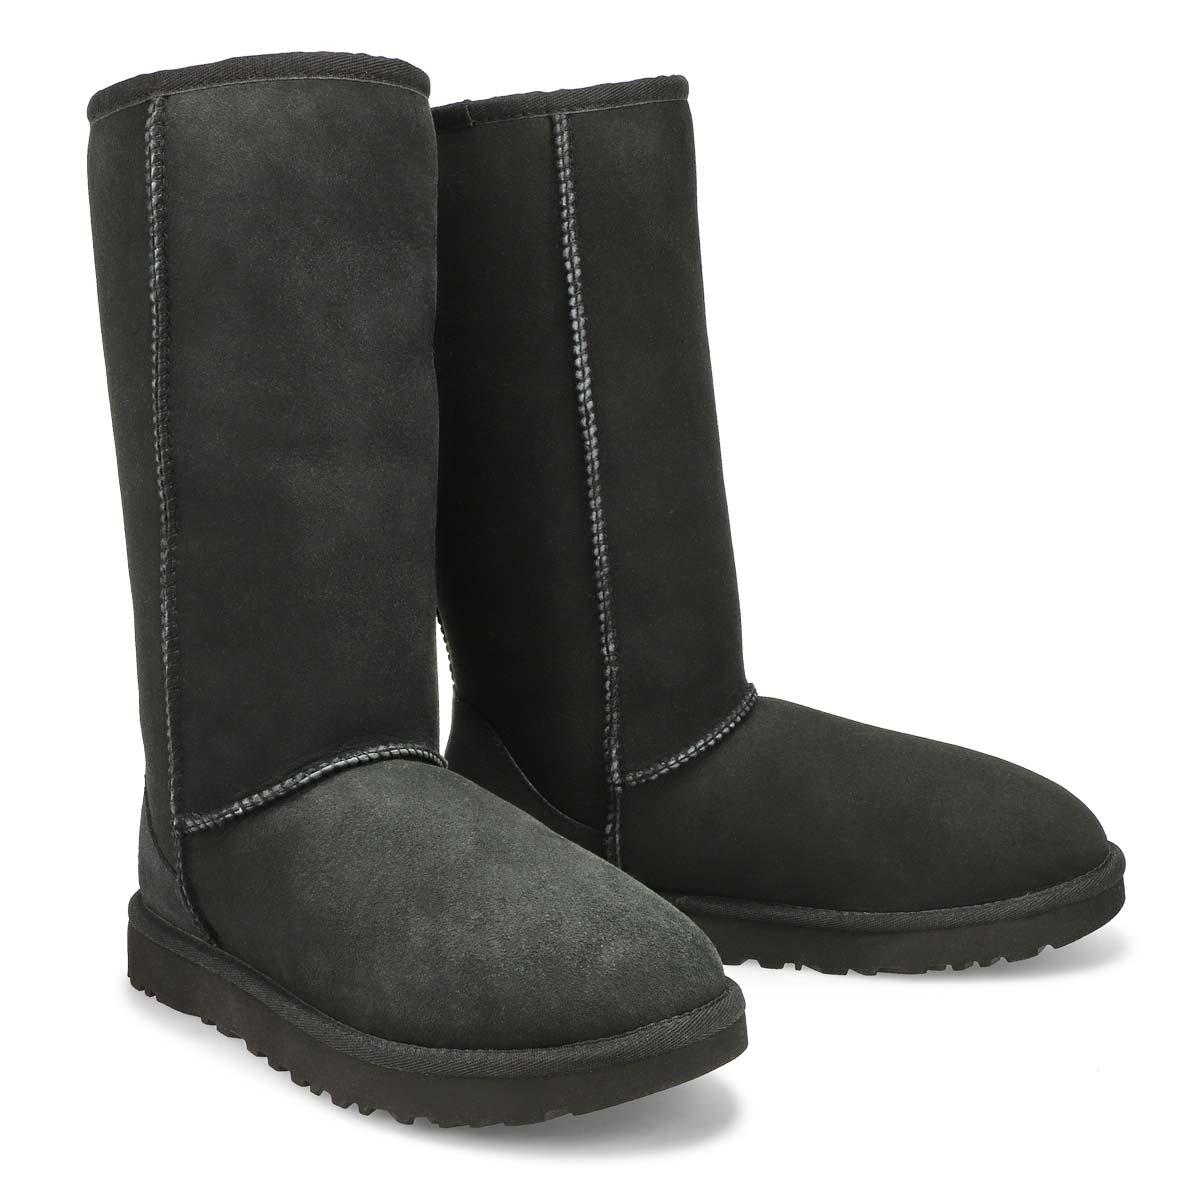 Lds Classic Tall II black sheepskin boot